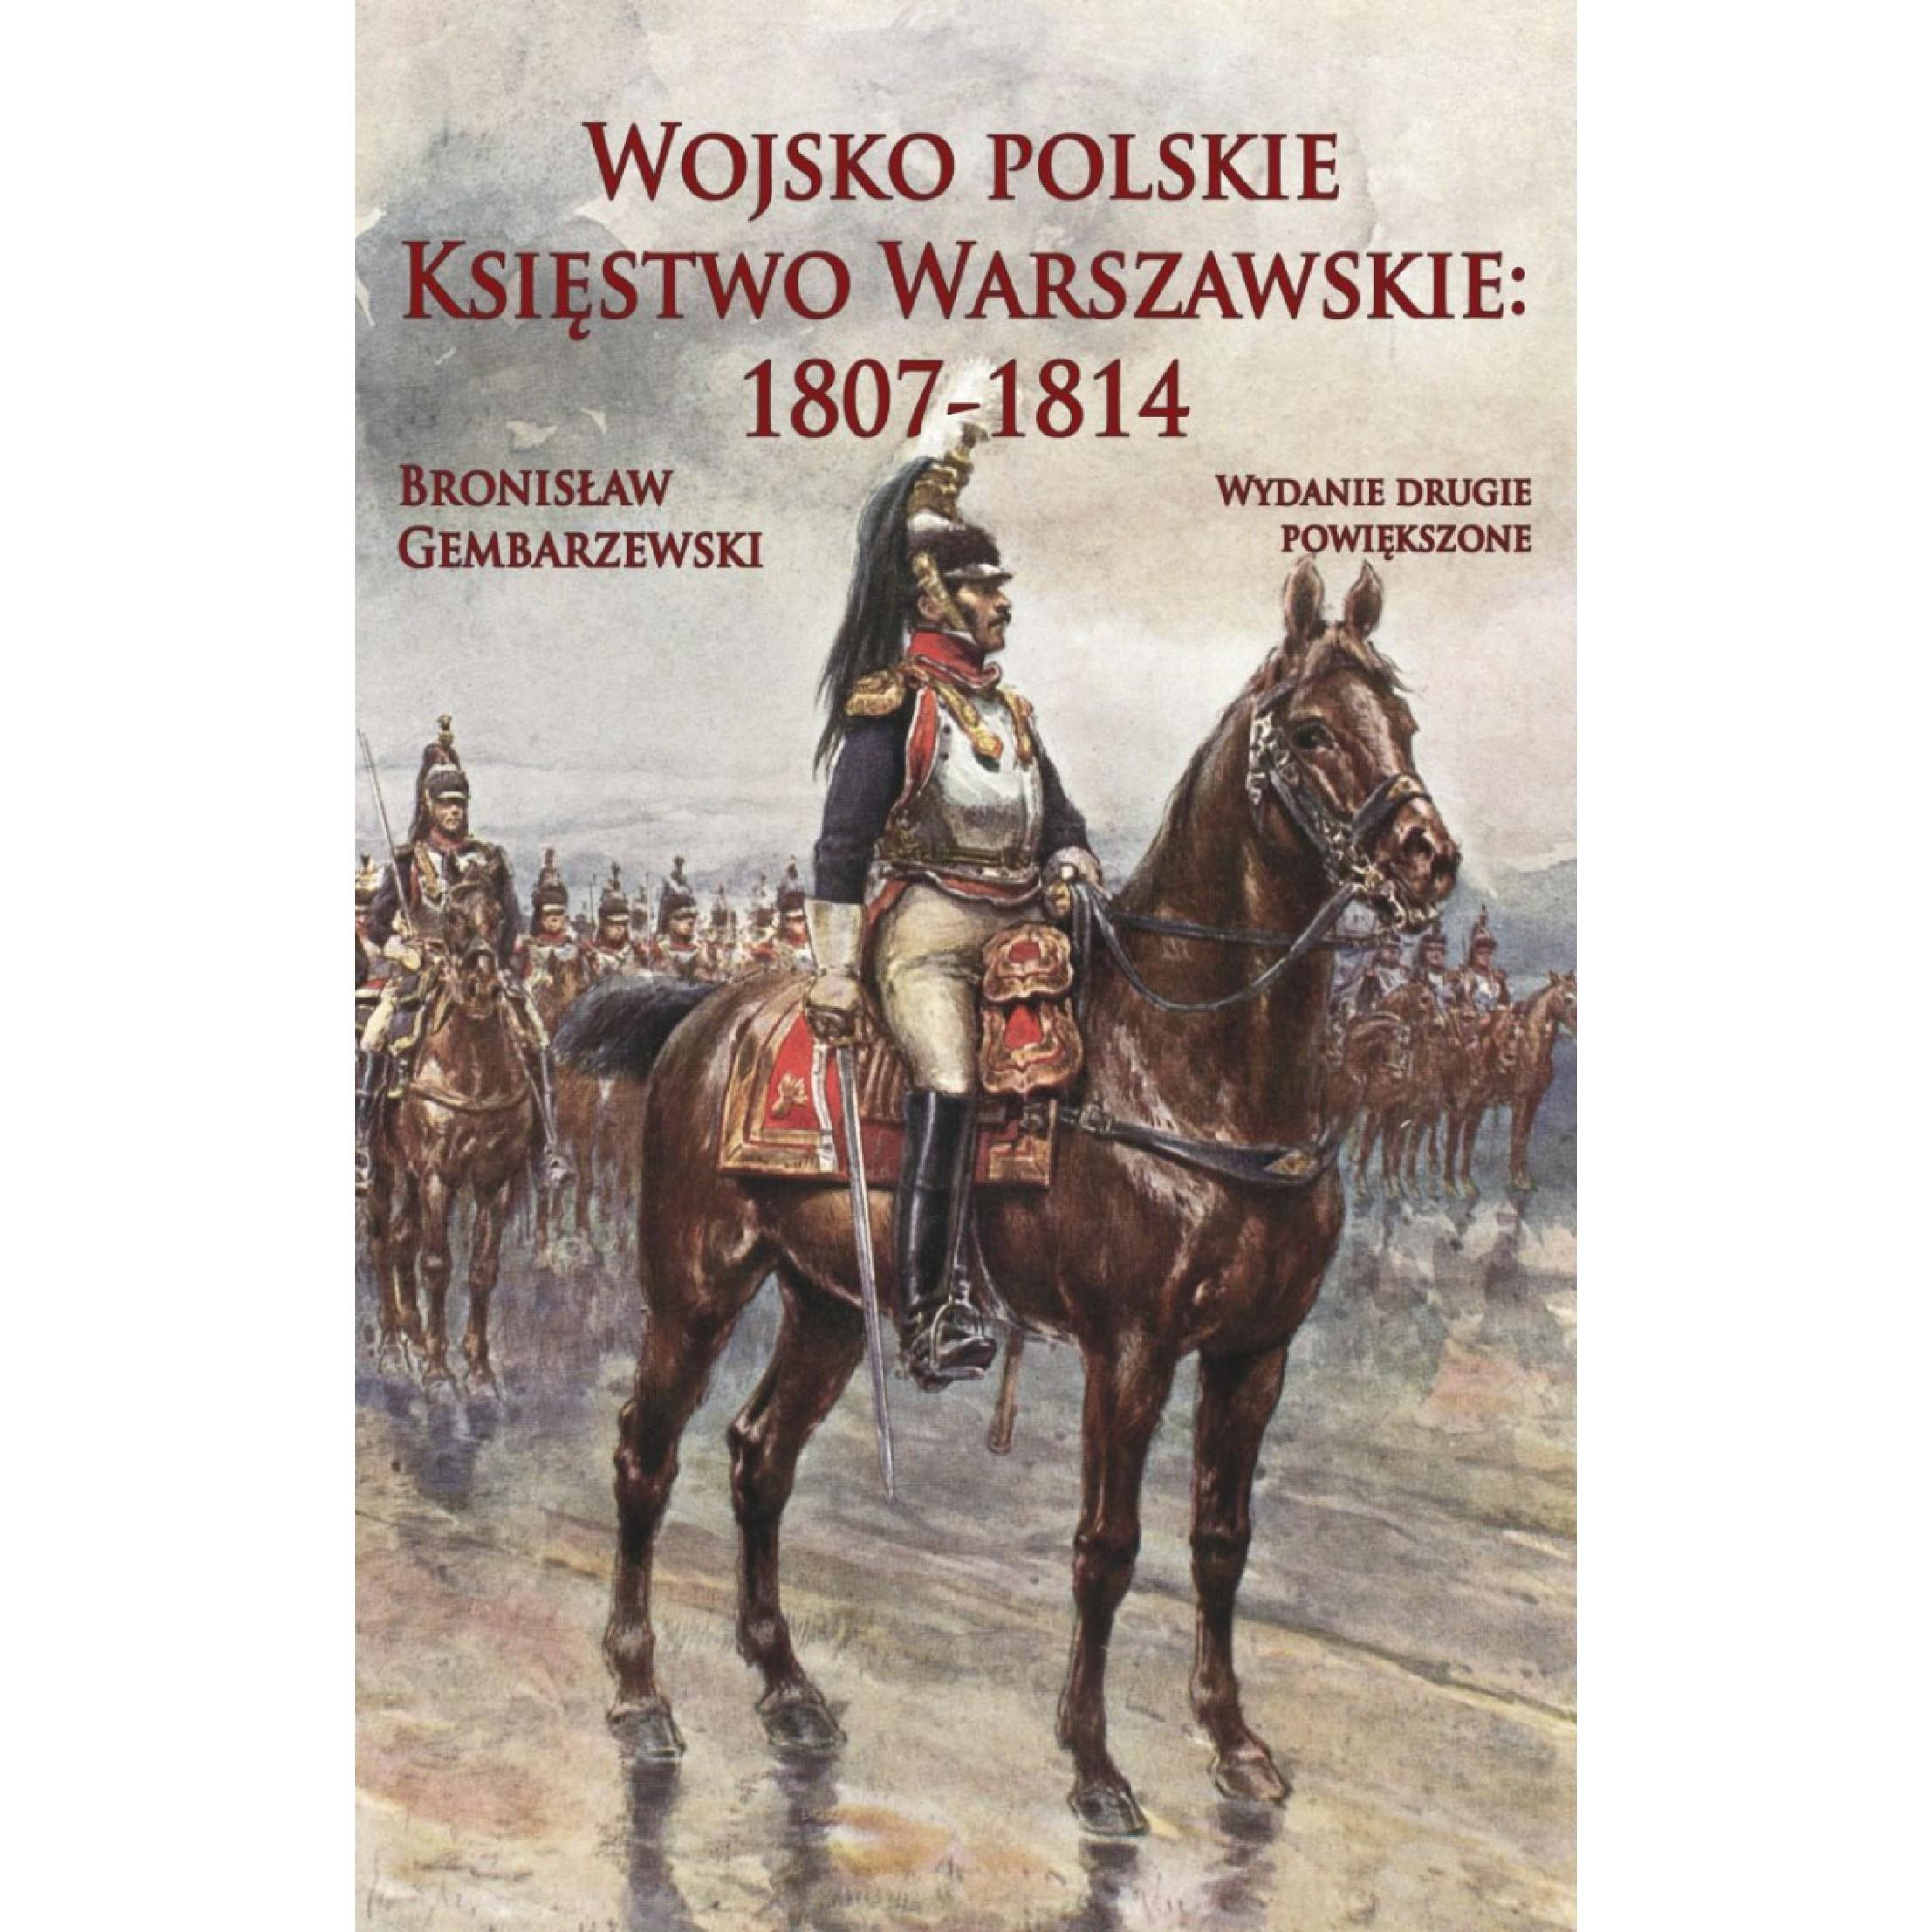 Wojsko polskie. Księstwo Warszawskie 1807-1814 - Outlet